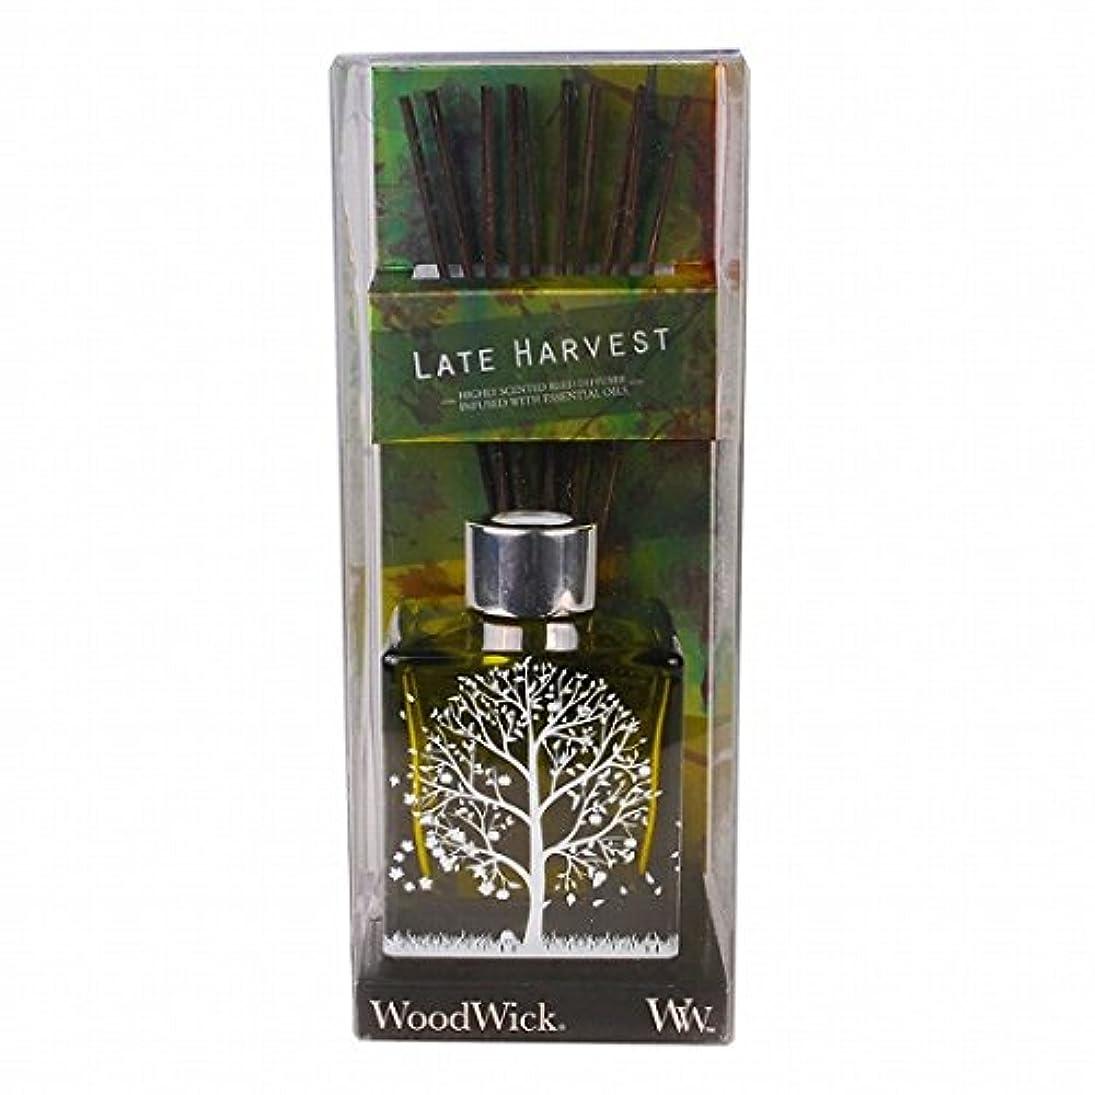 バングラデシュ実現可能あいまいさウッドウィック(WoodWick) Wood Wickダンシンググラスリードディフューザー 「 レイトハーベスト 」